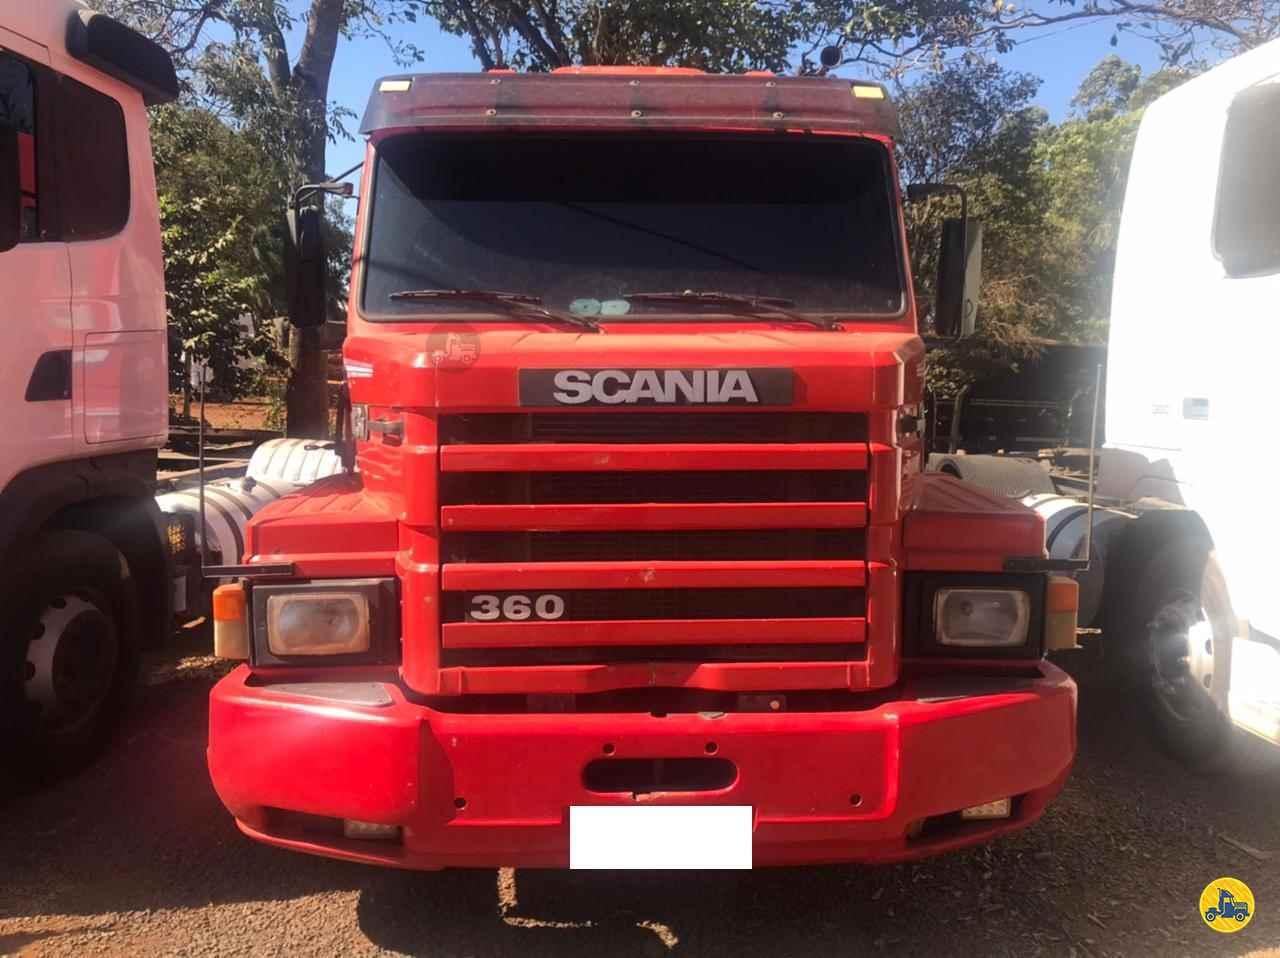 CAMINHAO SCANIA SCANIA 113 360 Cavalo Mecânico Truck 6x2 RB Caminhões & Financiamentos ARAGUARI MINAS GERAIS MG